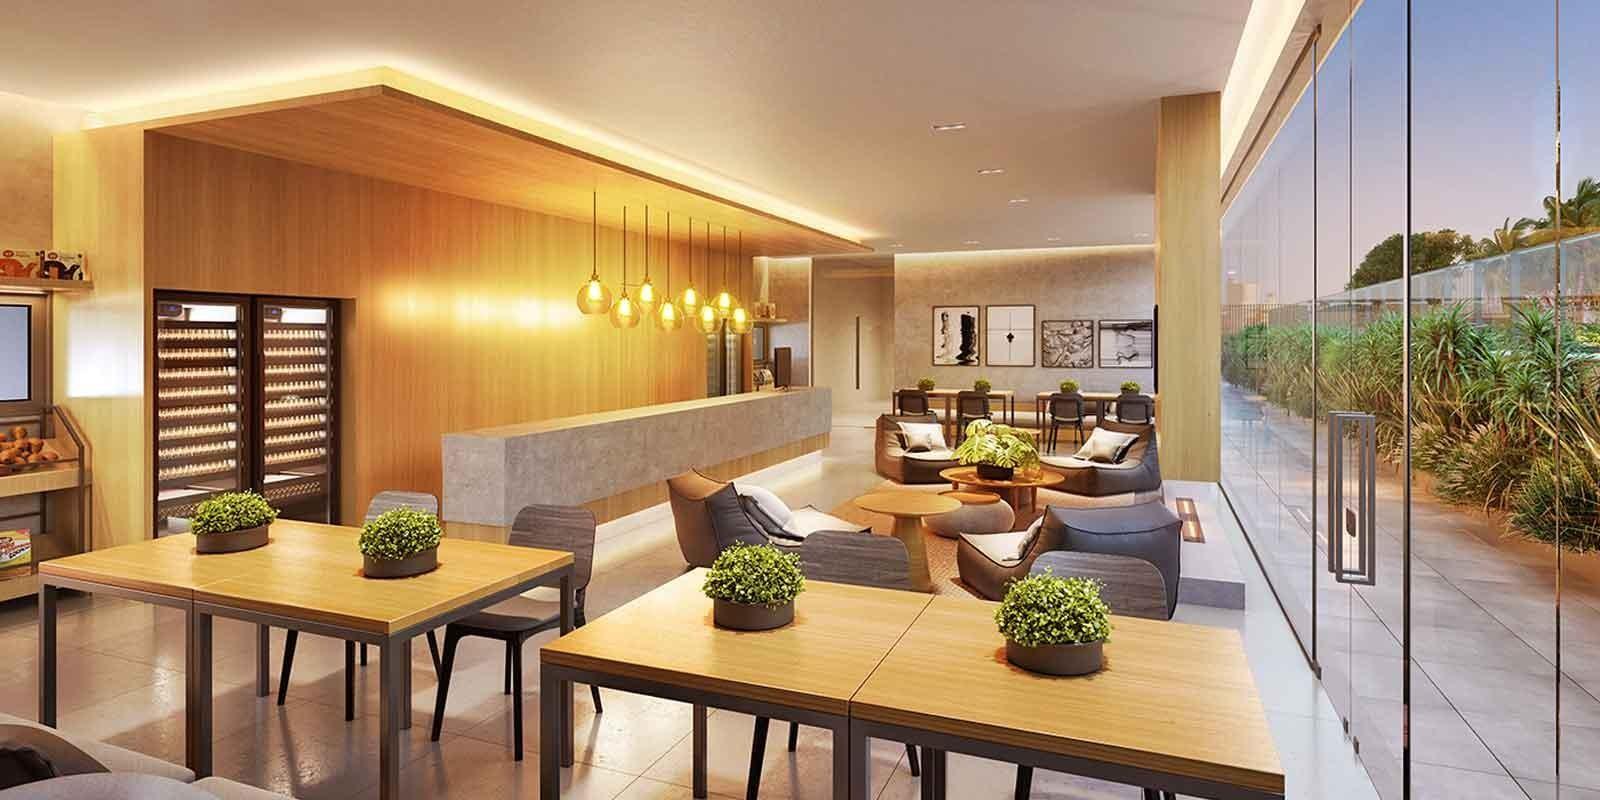 TPS Imóveis - Veja Foto 12 de 20 do Lindos Apartamentos com 3 Suítes Perto da Natureza